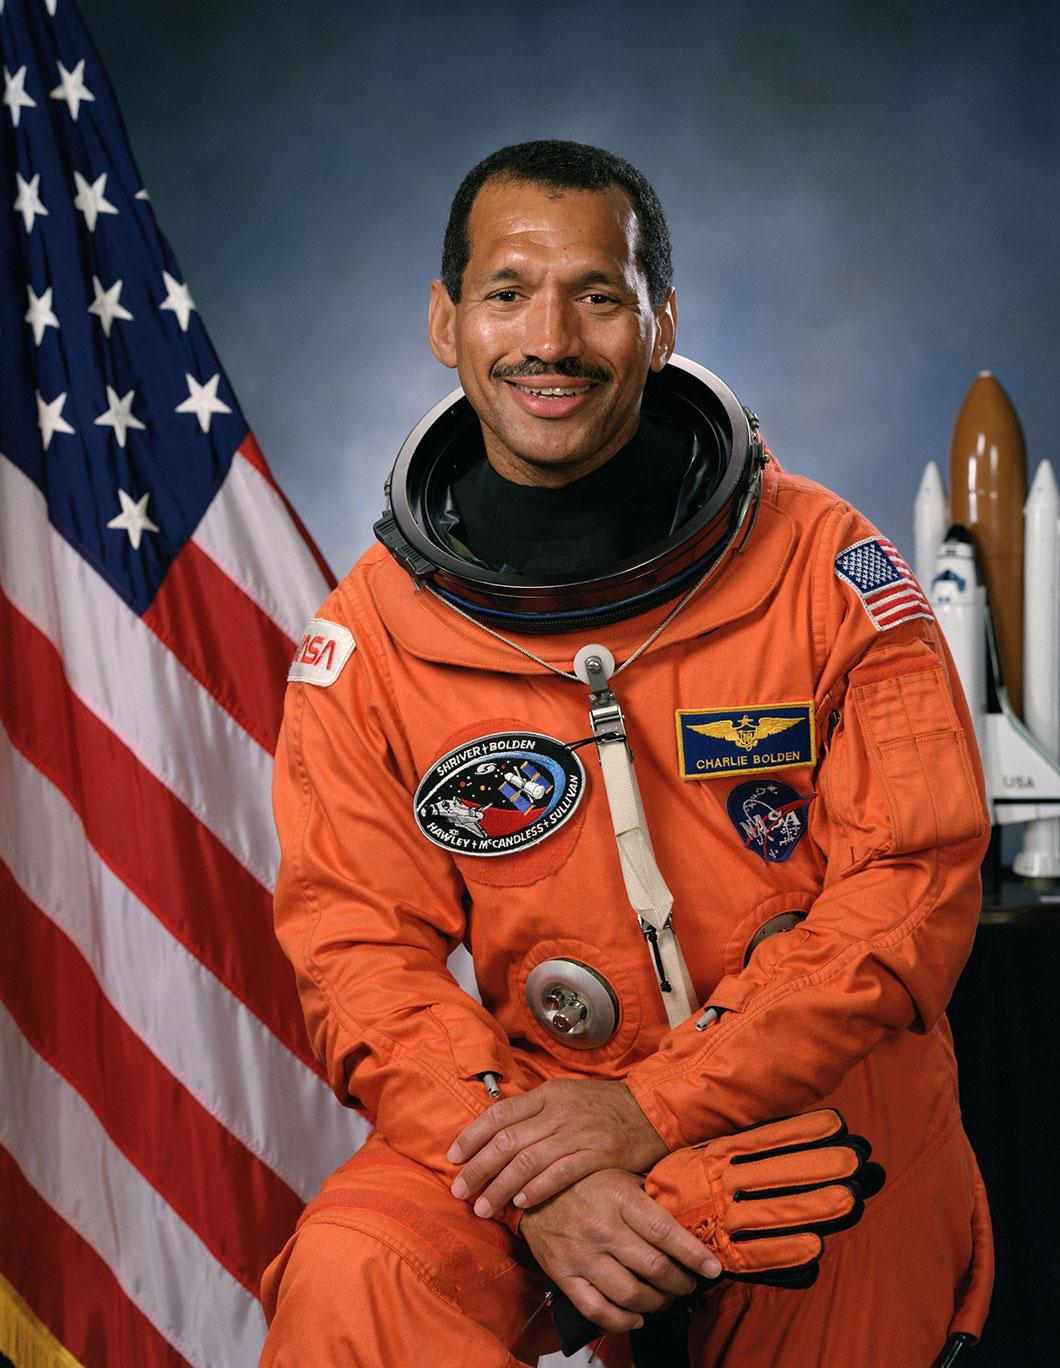 Charles Bolden, nommé par le président Barack Obama, est devenu le patron de l'agence spatiale